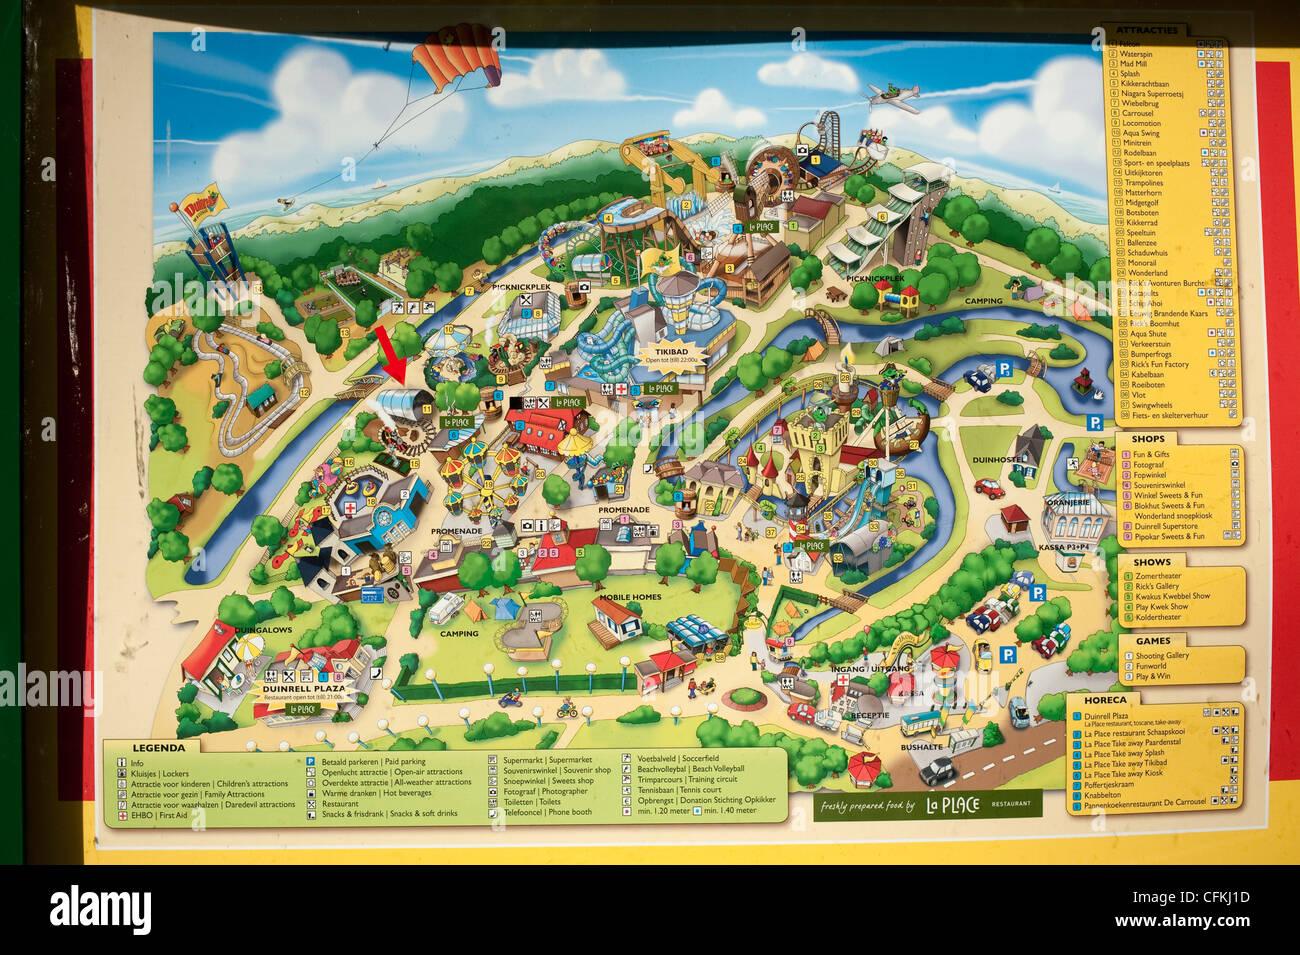 Amusement theme park map wassenaar holland netherlands for Amusement park netherlands